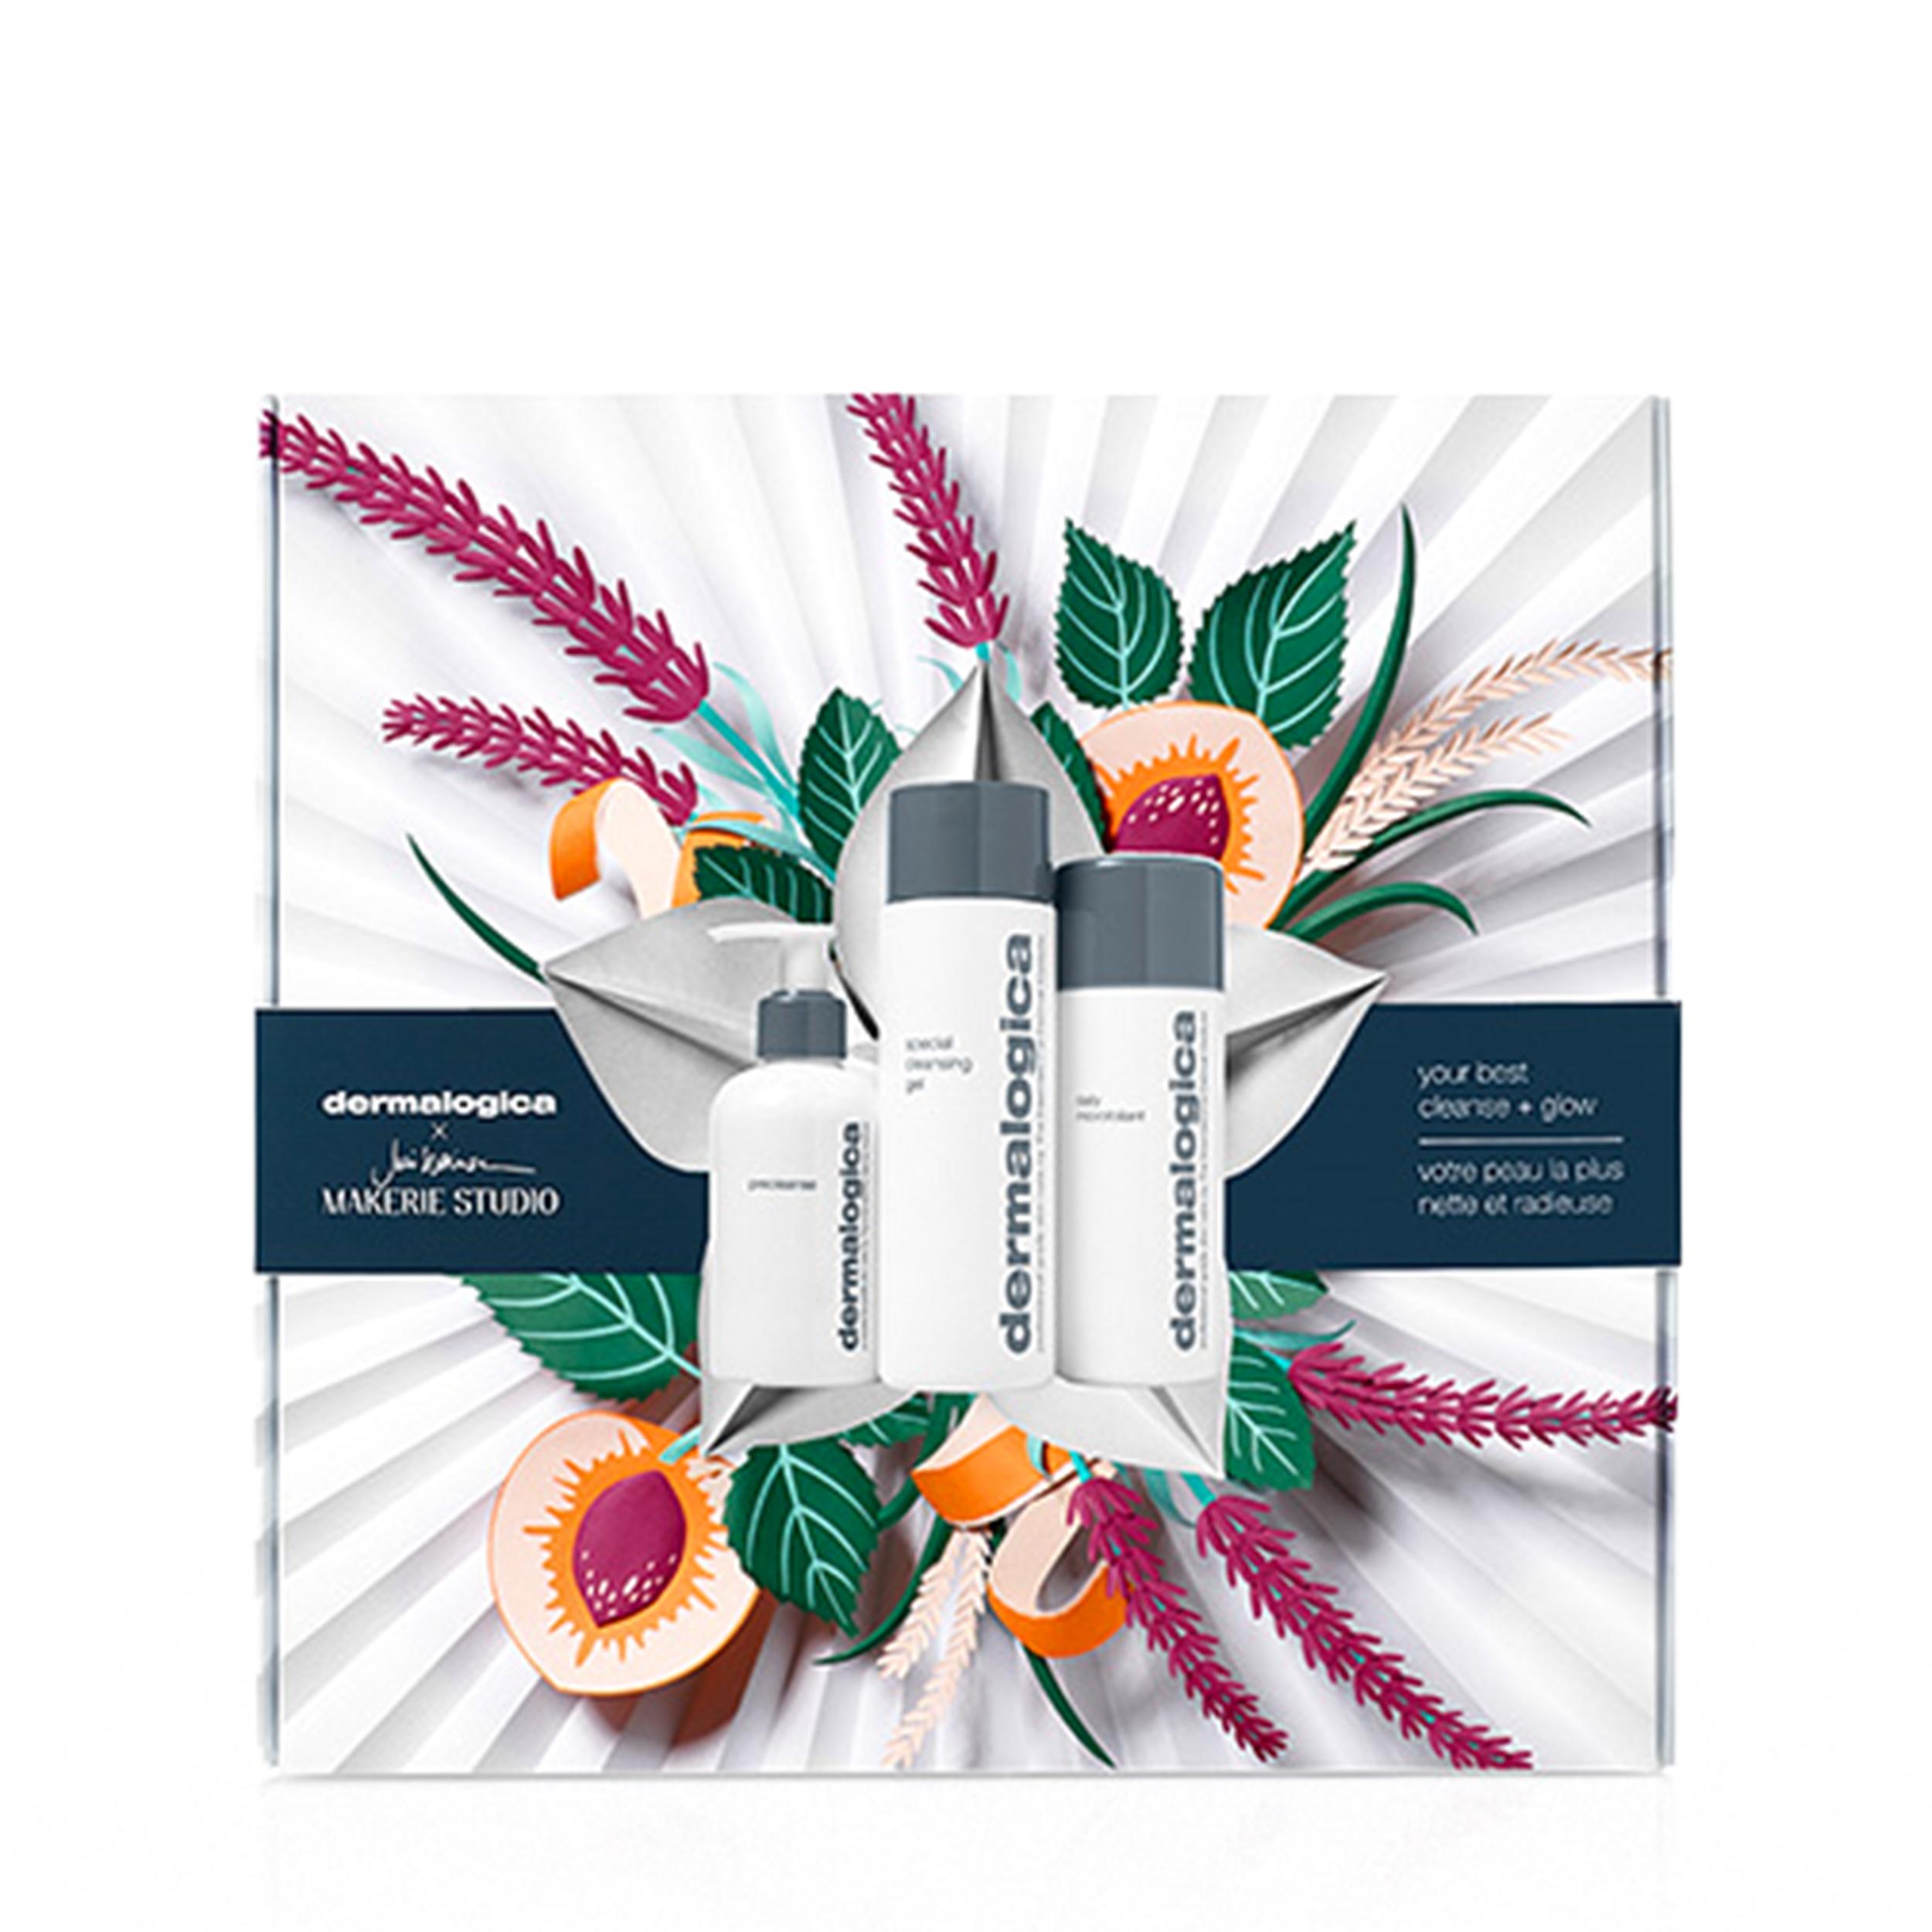 Купить Dermalogica Your Best Cleanse + Glow - Набор Ваше идеальное очищение и сияние (PreCleanse 150ml, Special Clean